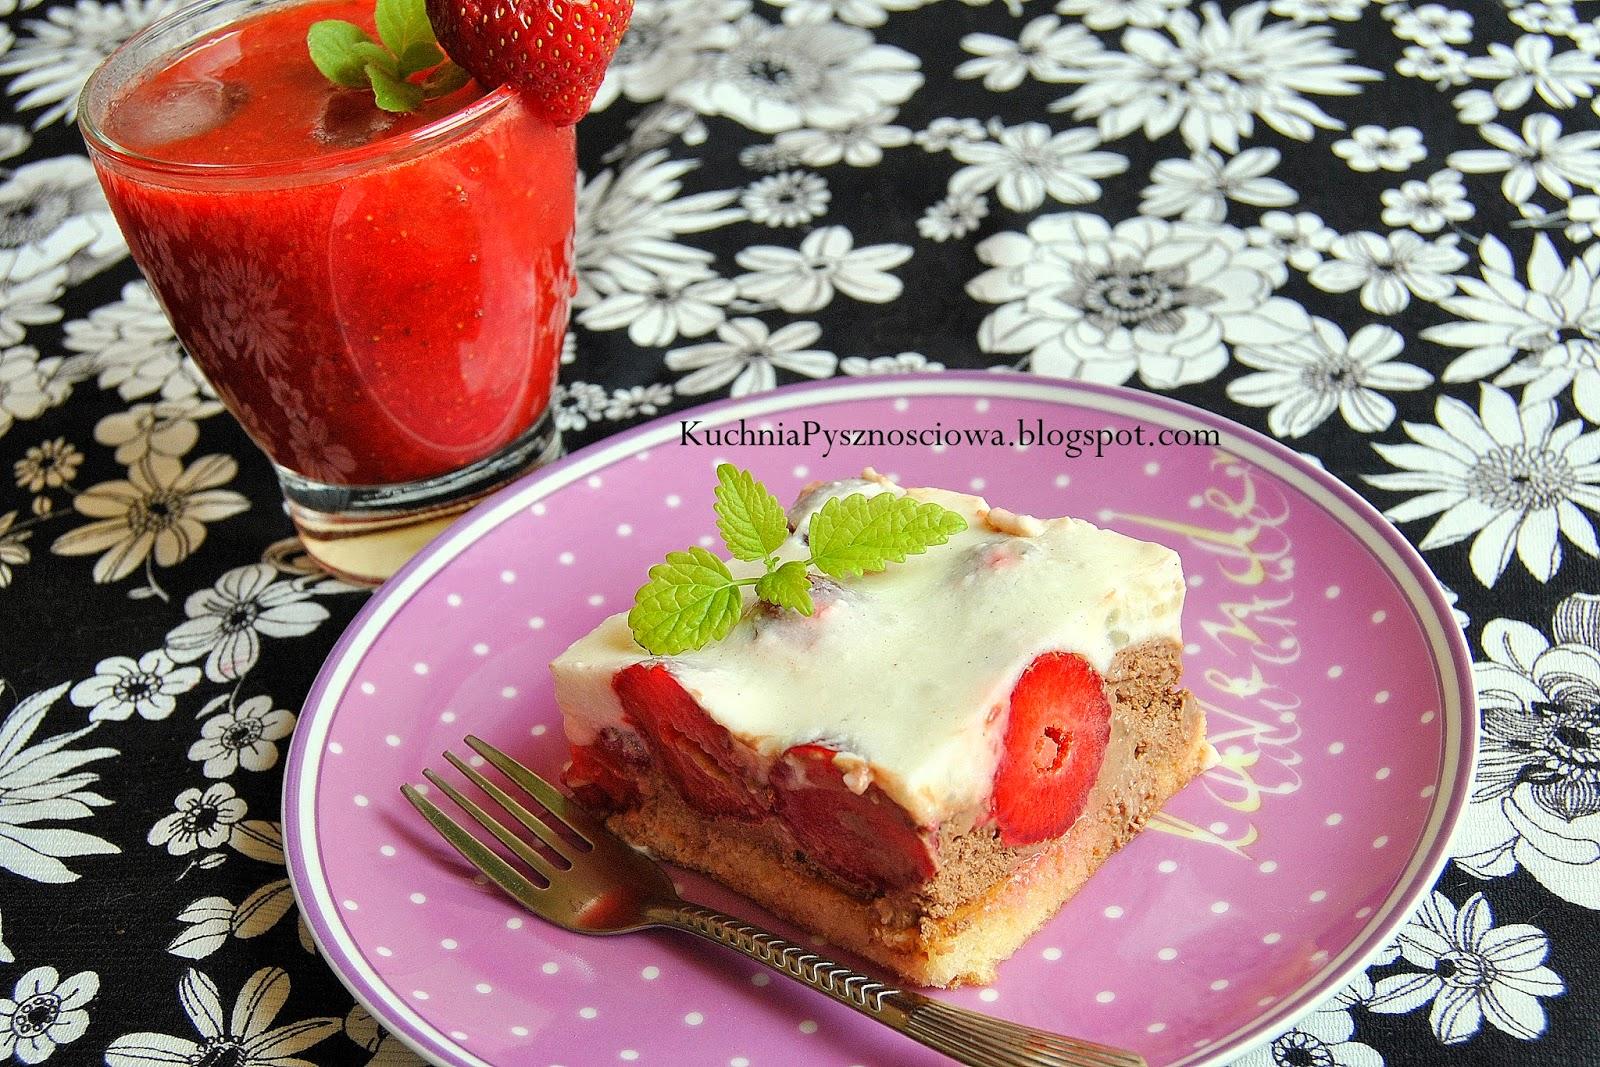 228. Ciasto jogurtowe z truskawkami specjalnie dla mamy